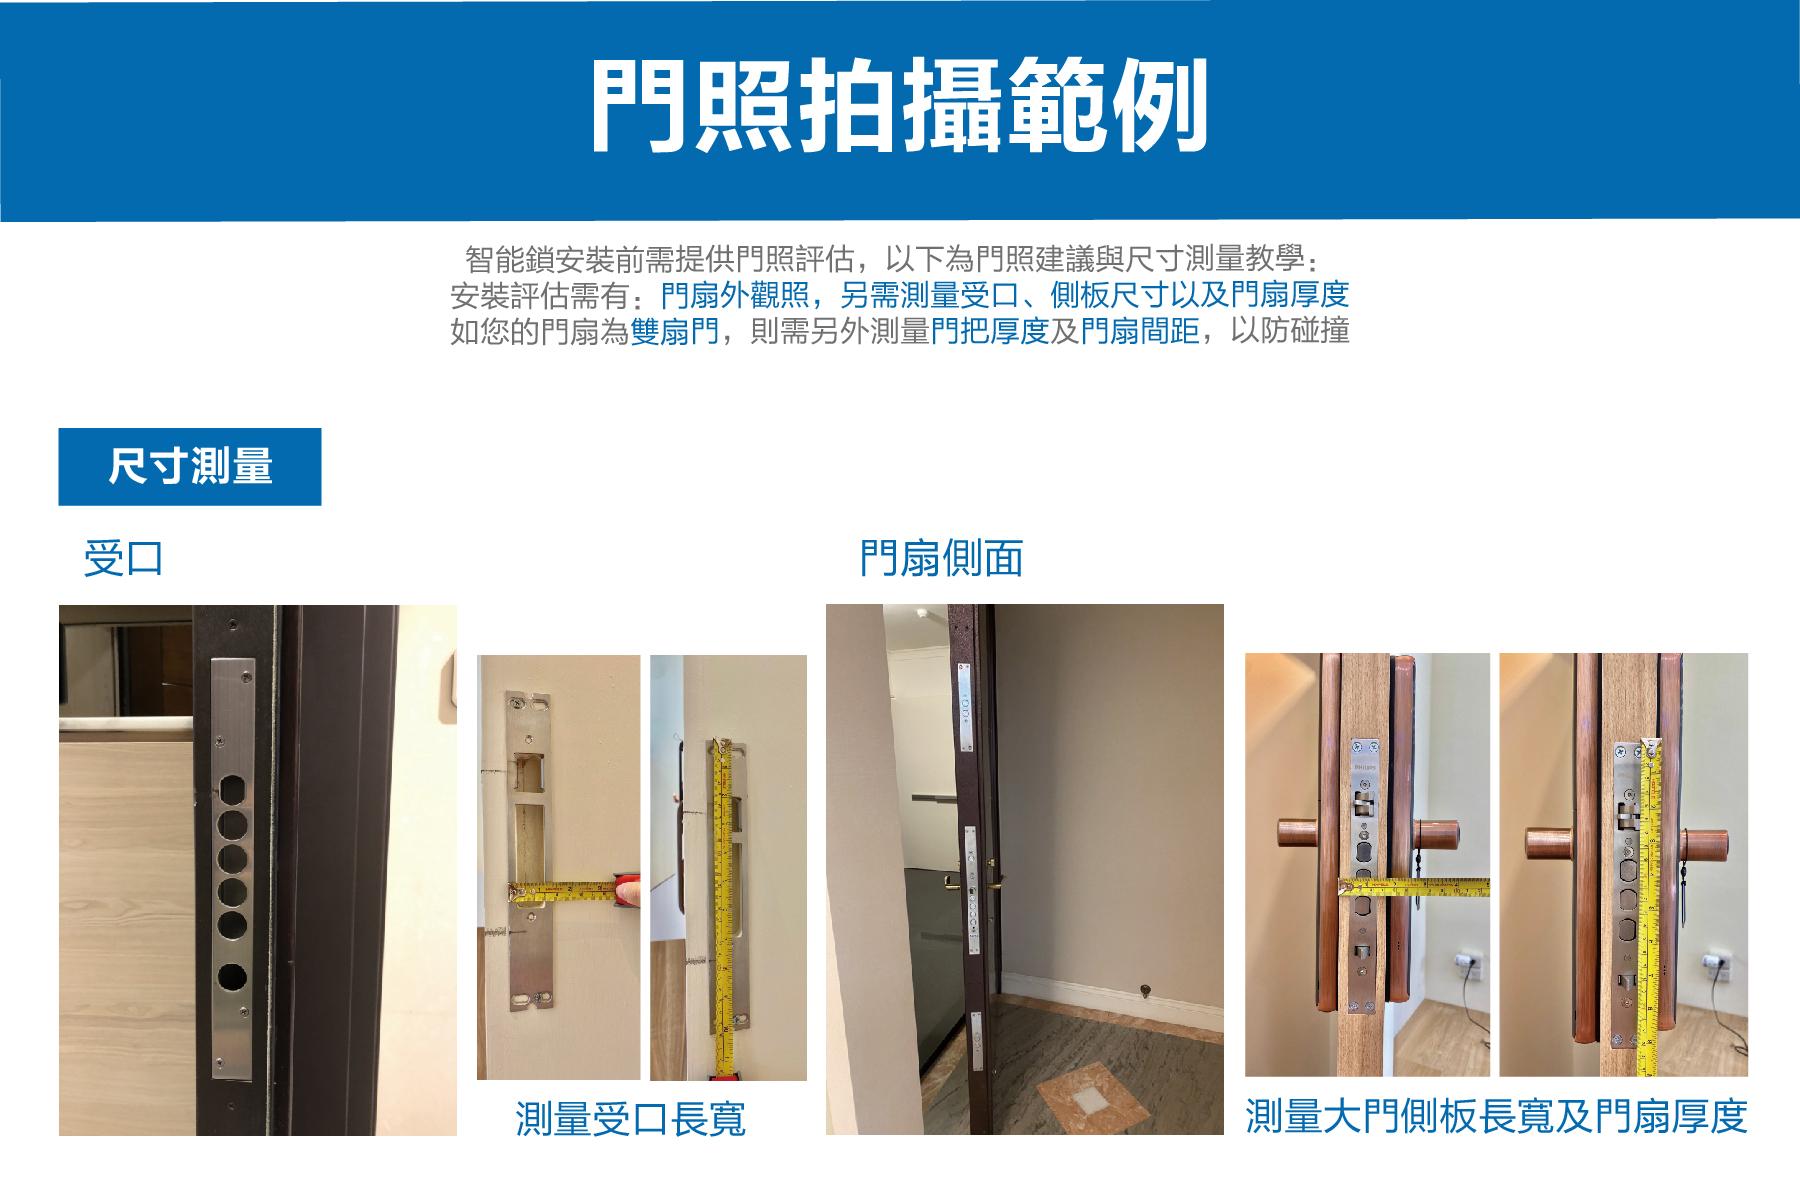 電子鎖安裝前評估:門照拍攝範例(尺寸測量)